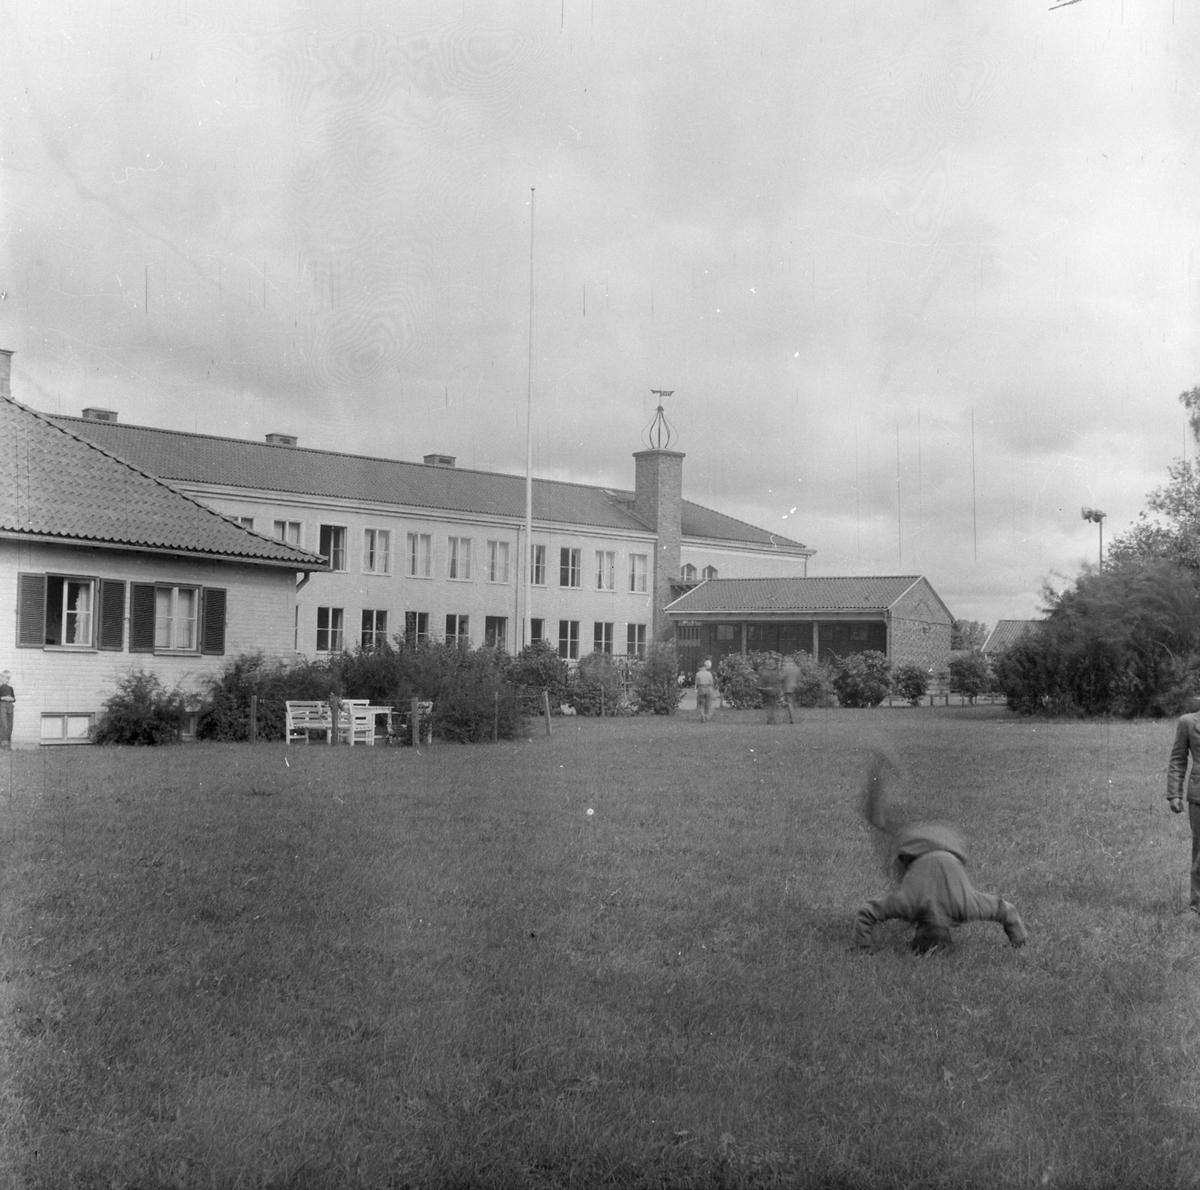 Rast på Bergaskolan, Norbyvägen, stadsdelen Kåbo, Uppsala